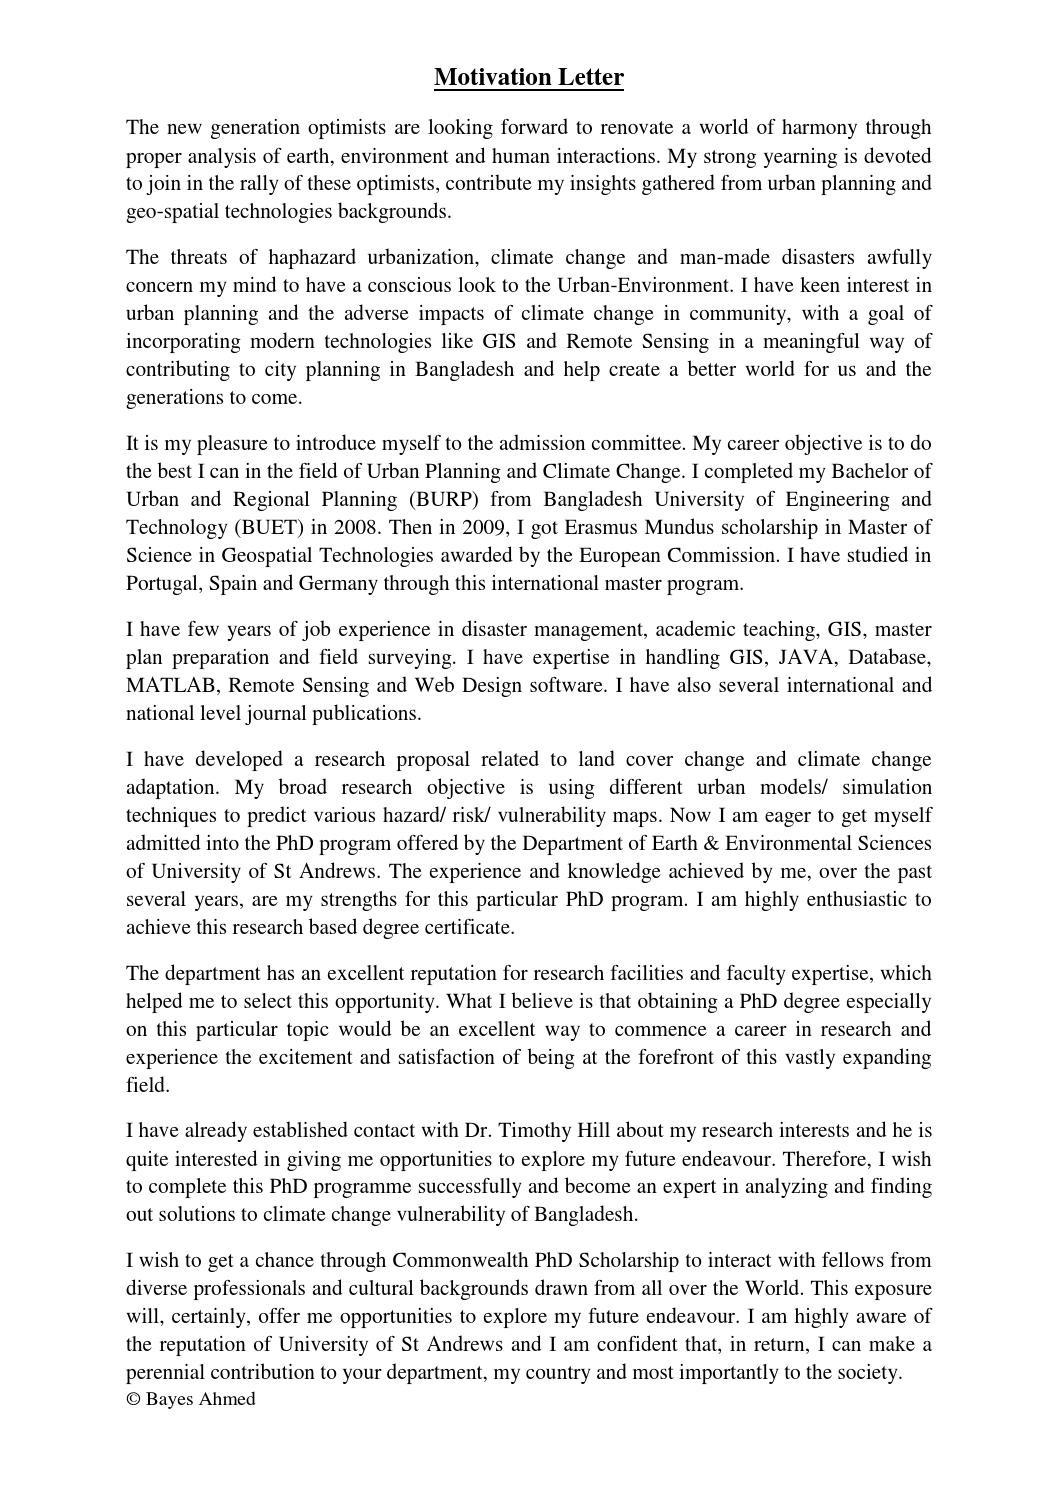 motivation letter sample for university bachelor  Motivation Letter_Bayes by Bayes Ahmed - Issuu - motivation letter sample for university bachelor